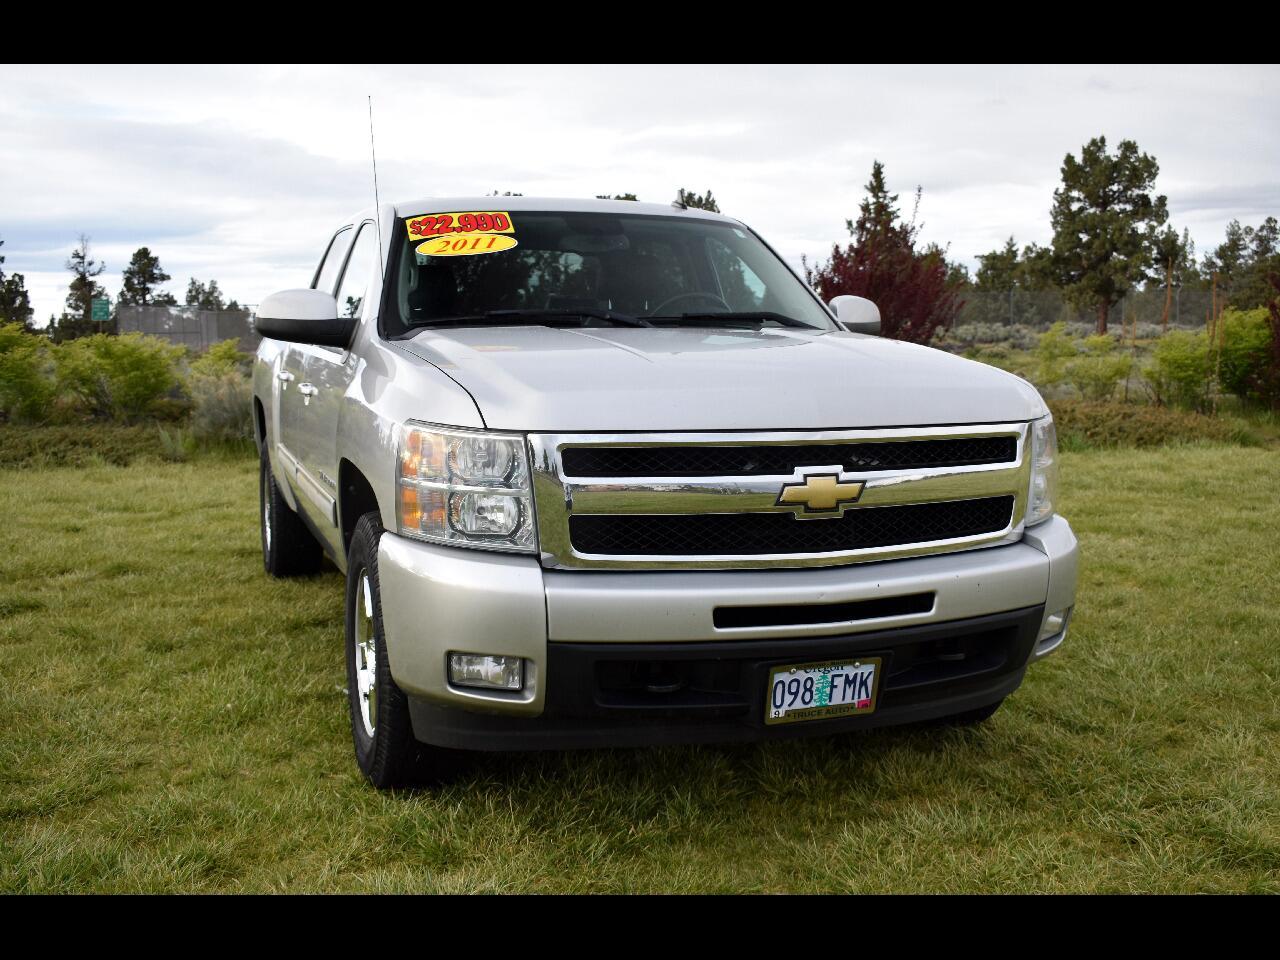 2011 Chevrolet Silverado 1500 4WD CREW CAB LTZ **LOW MILES**